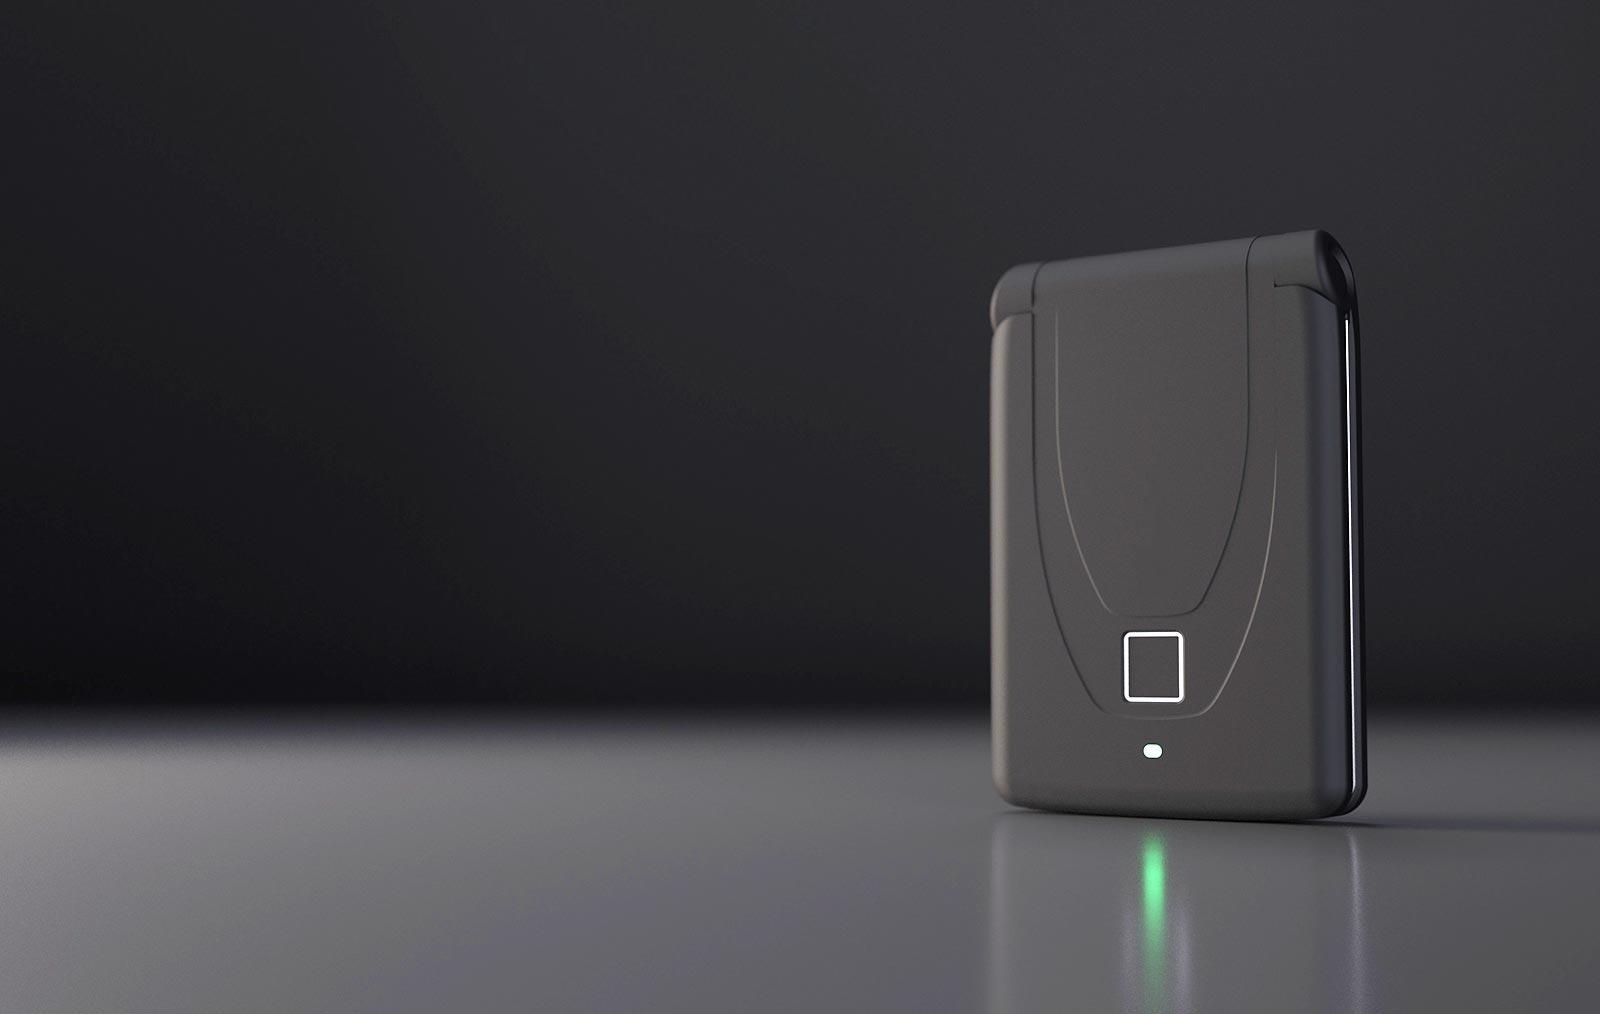 رونمایی از کیف پول سخت افزاری مجهز به حسگر اثر انگشت